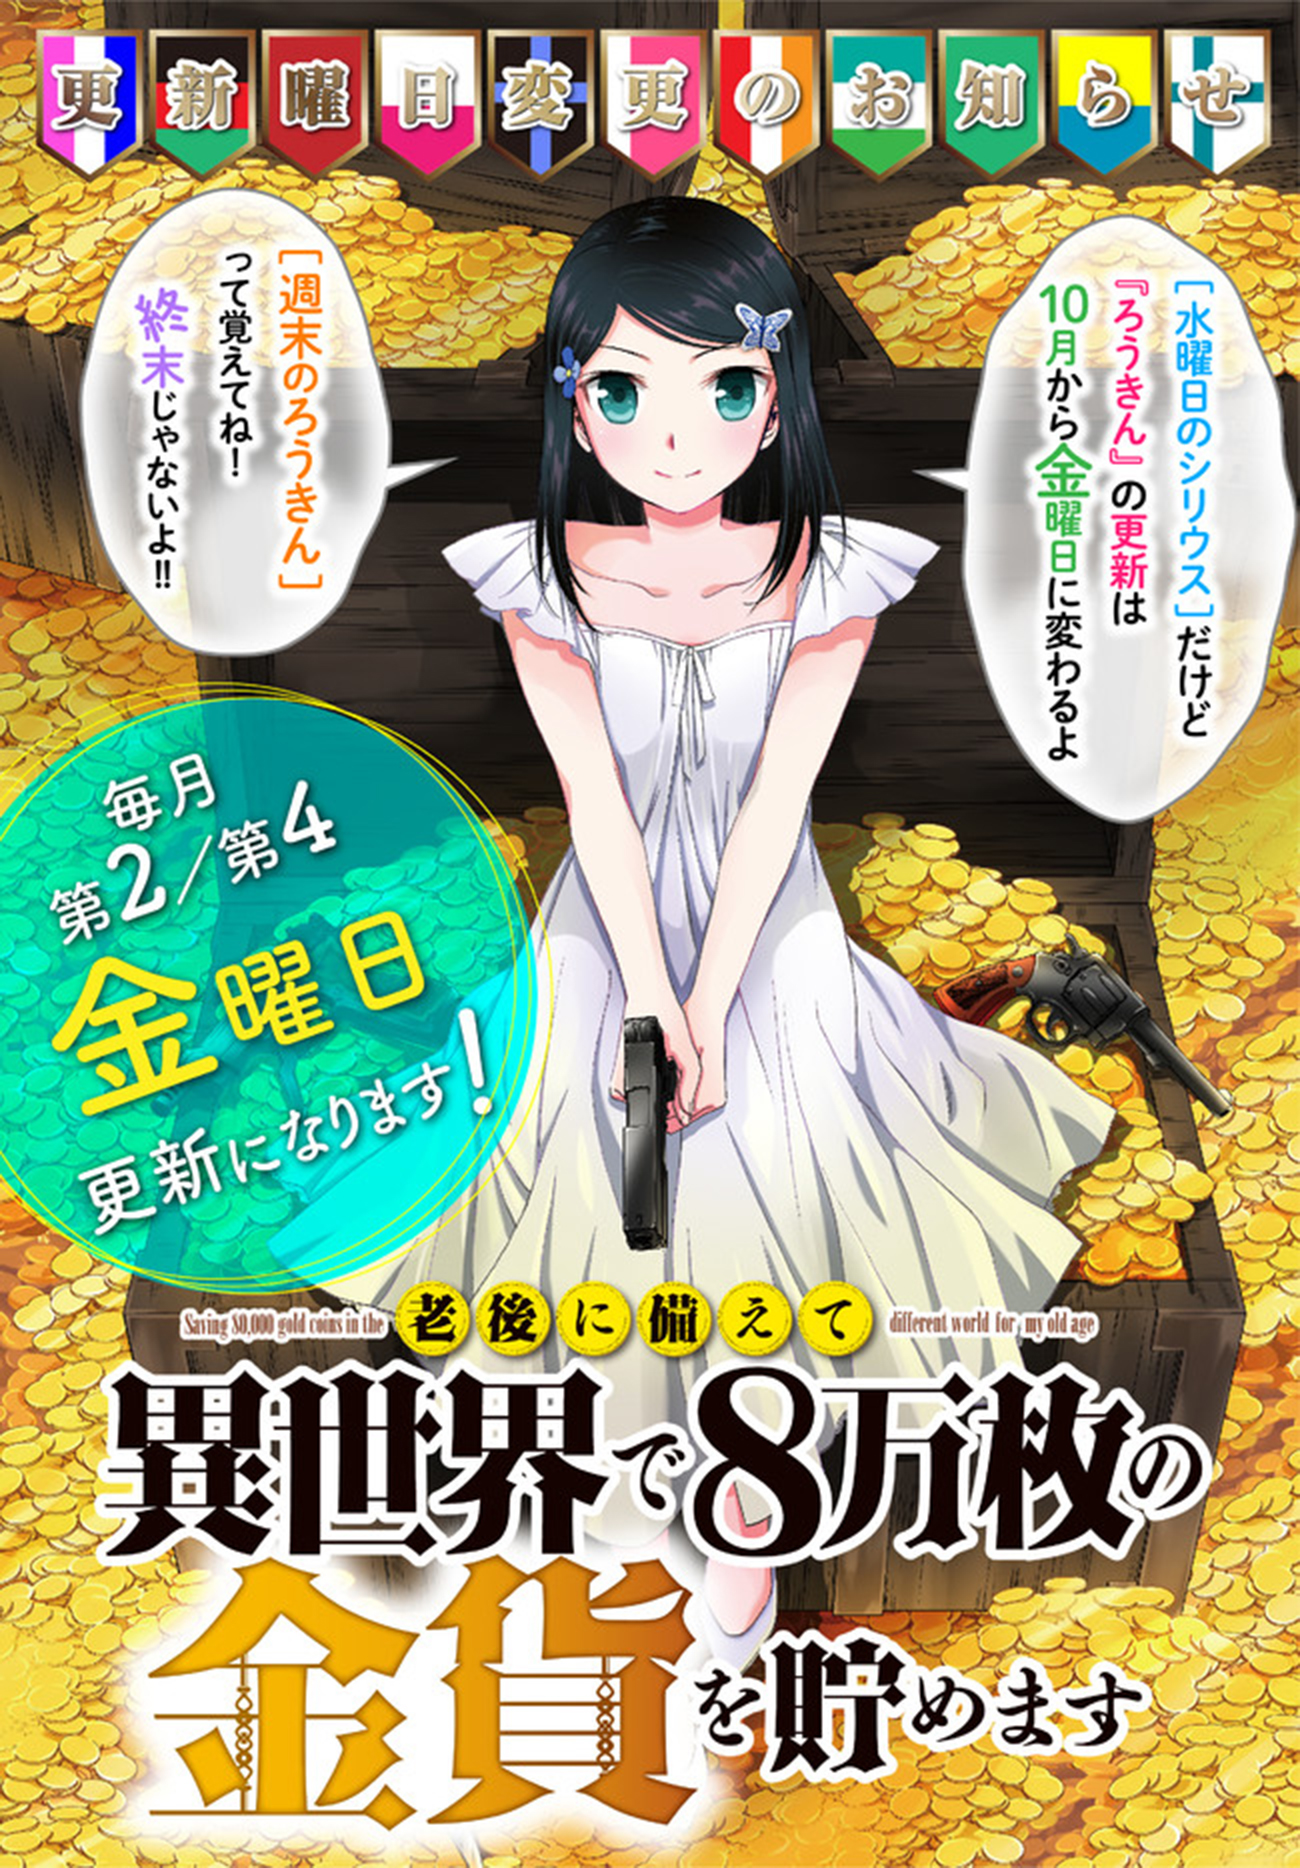 Mitsuha Manga Chapter 26-2 Page 22